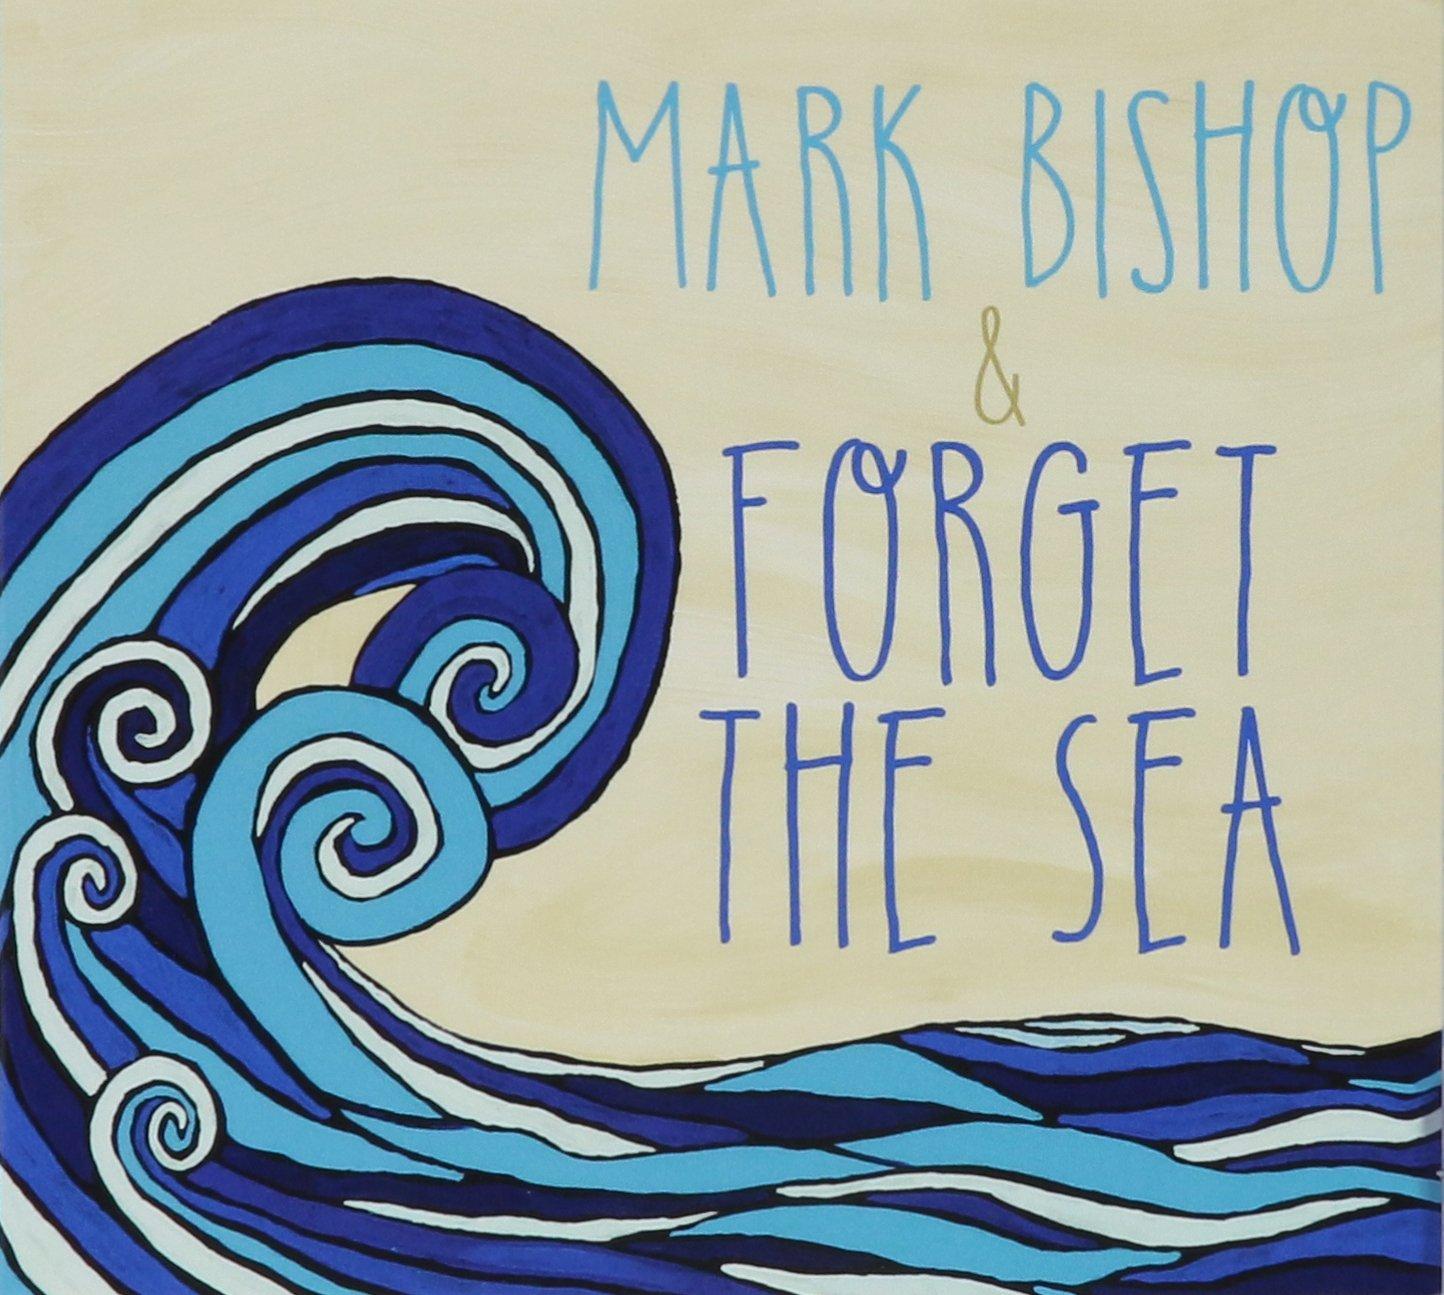 CD : Mark Bishop - Mark Bishop & Forget The (CD)